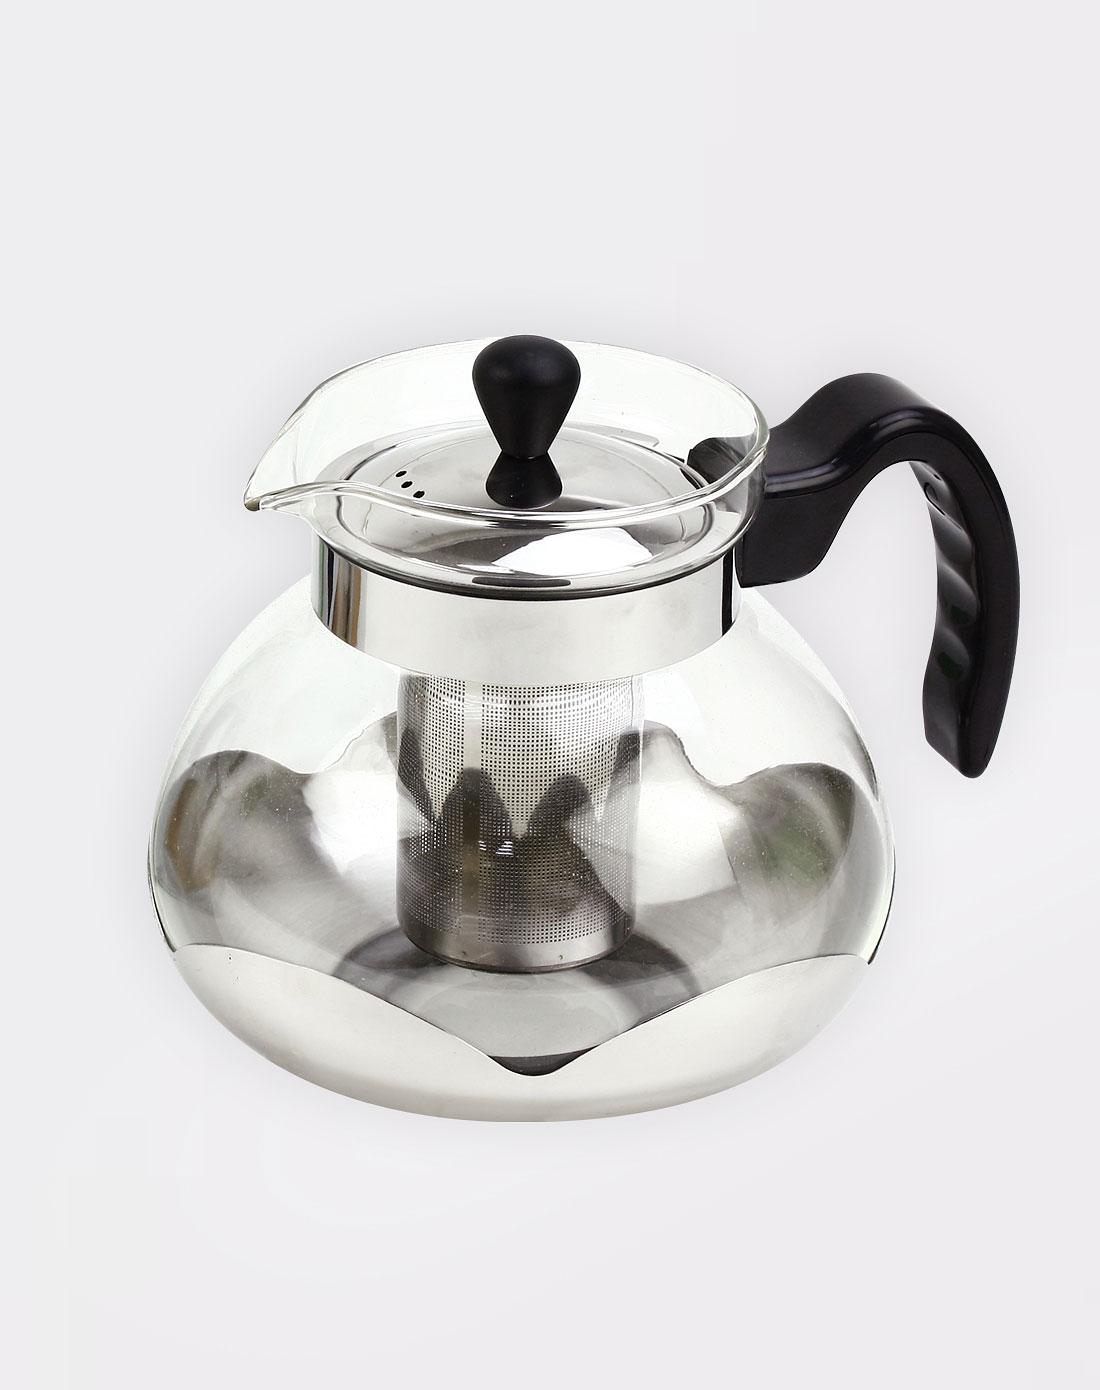 欧式茶壶图片